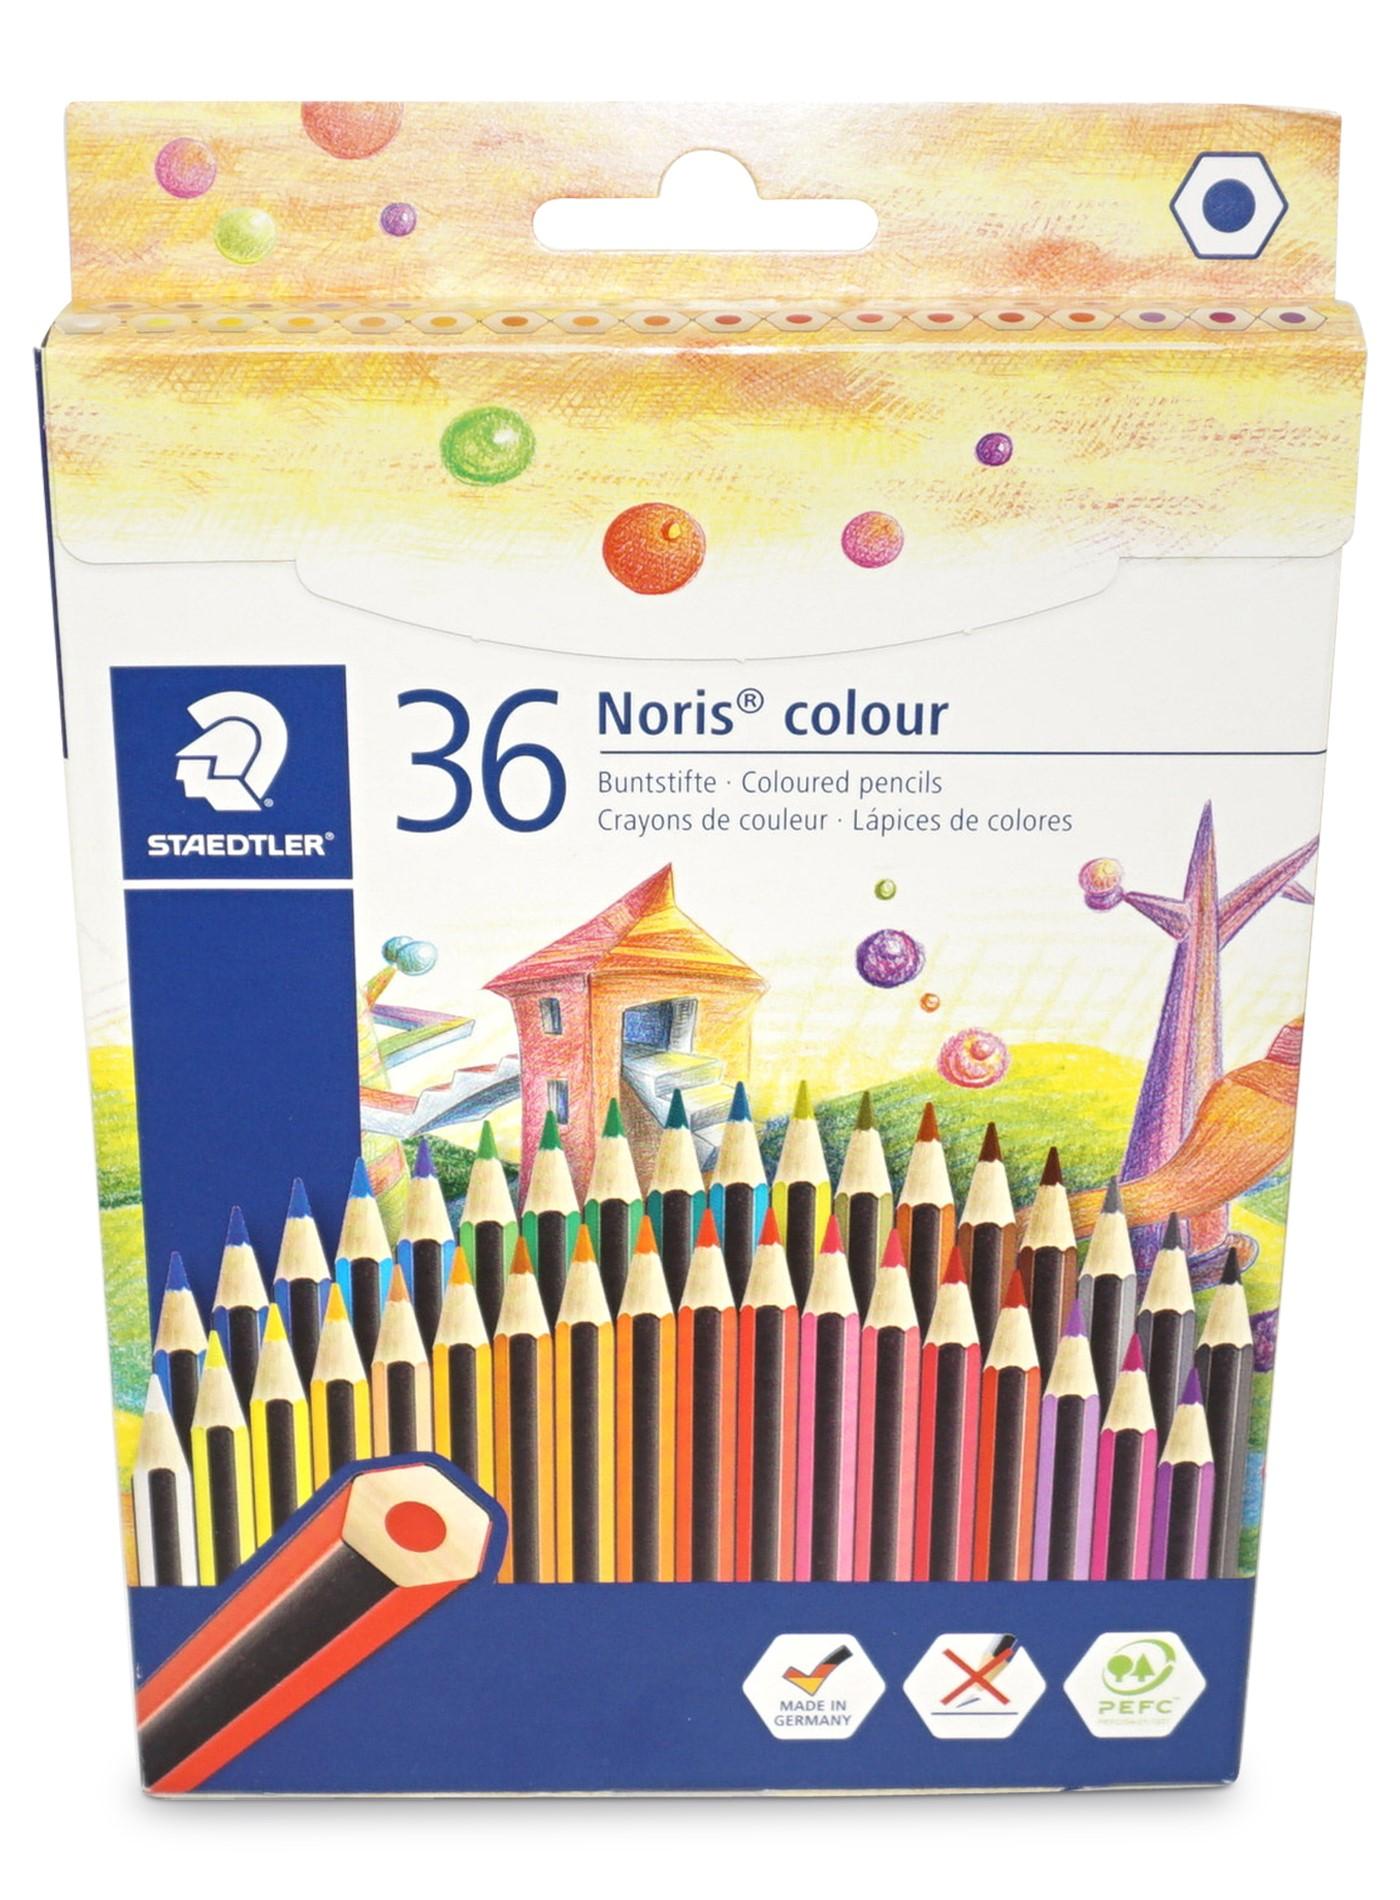 Staedtler Wopex Noris colour Buntstifte, 36er Pack